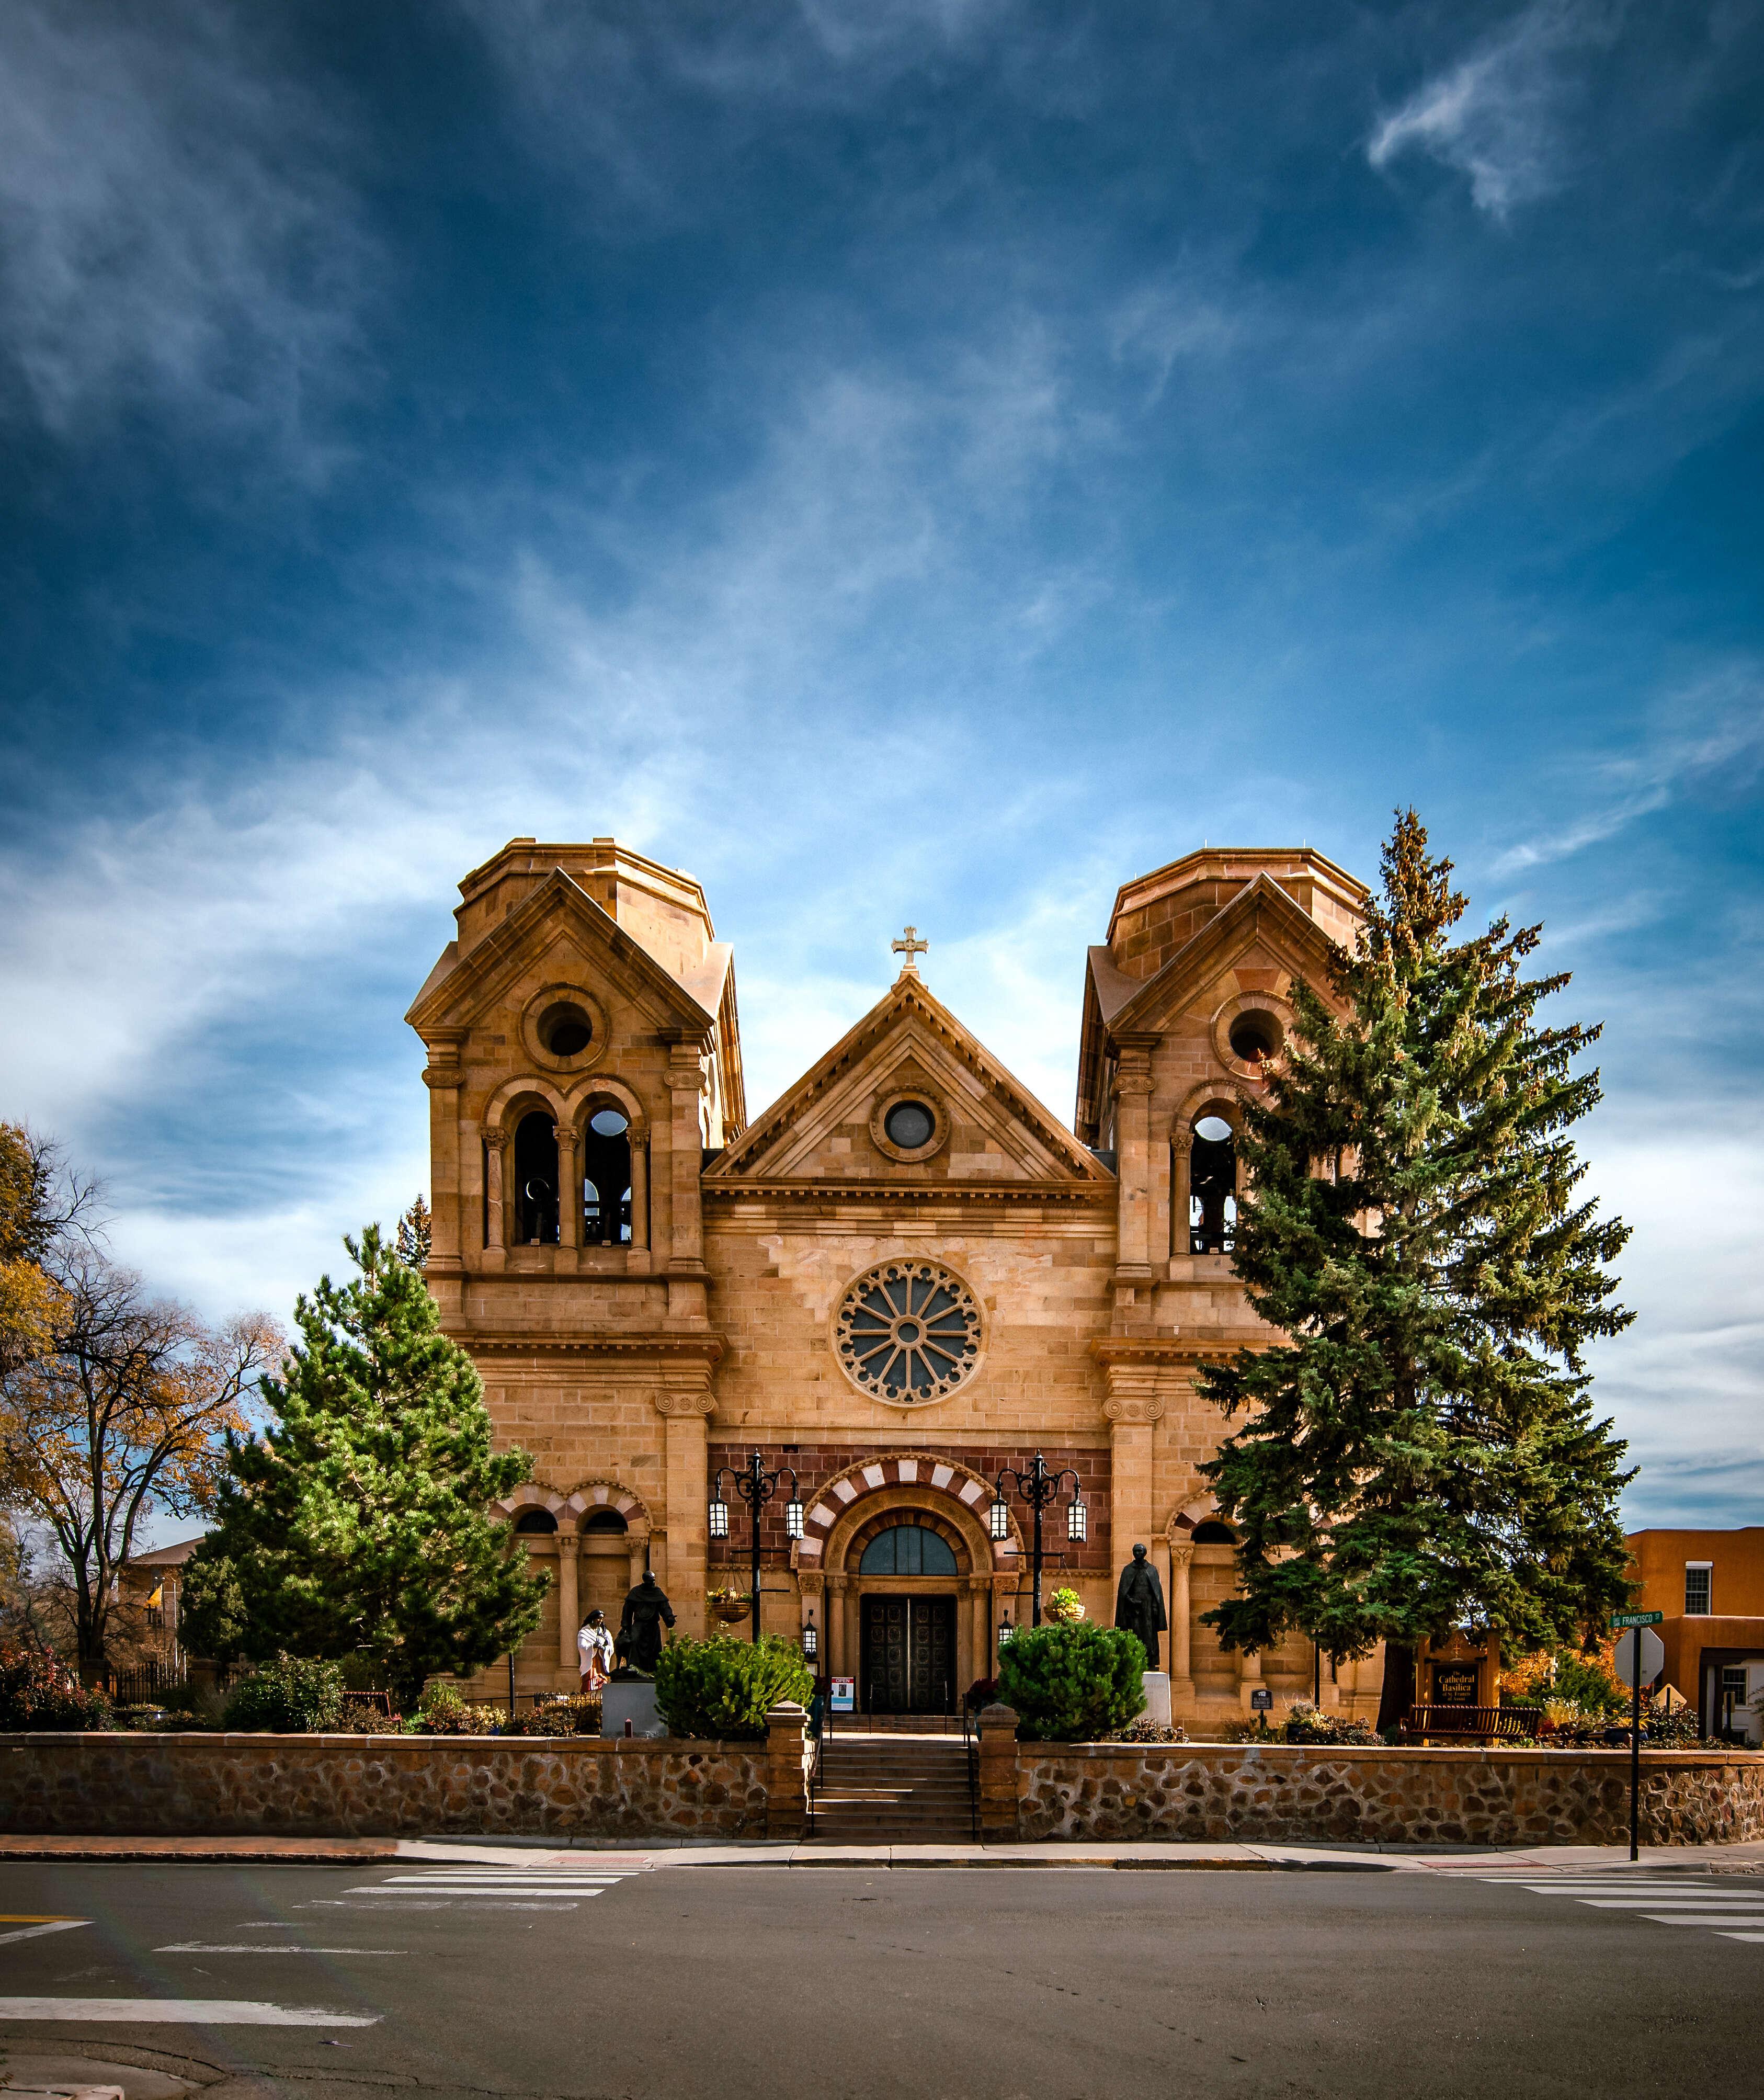 Spotlight on Santa Fe